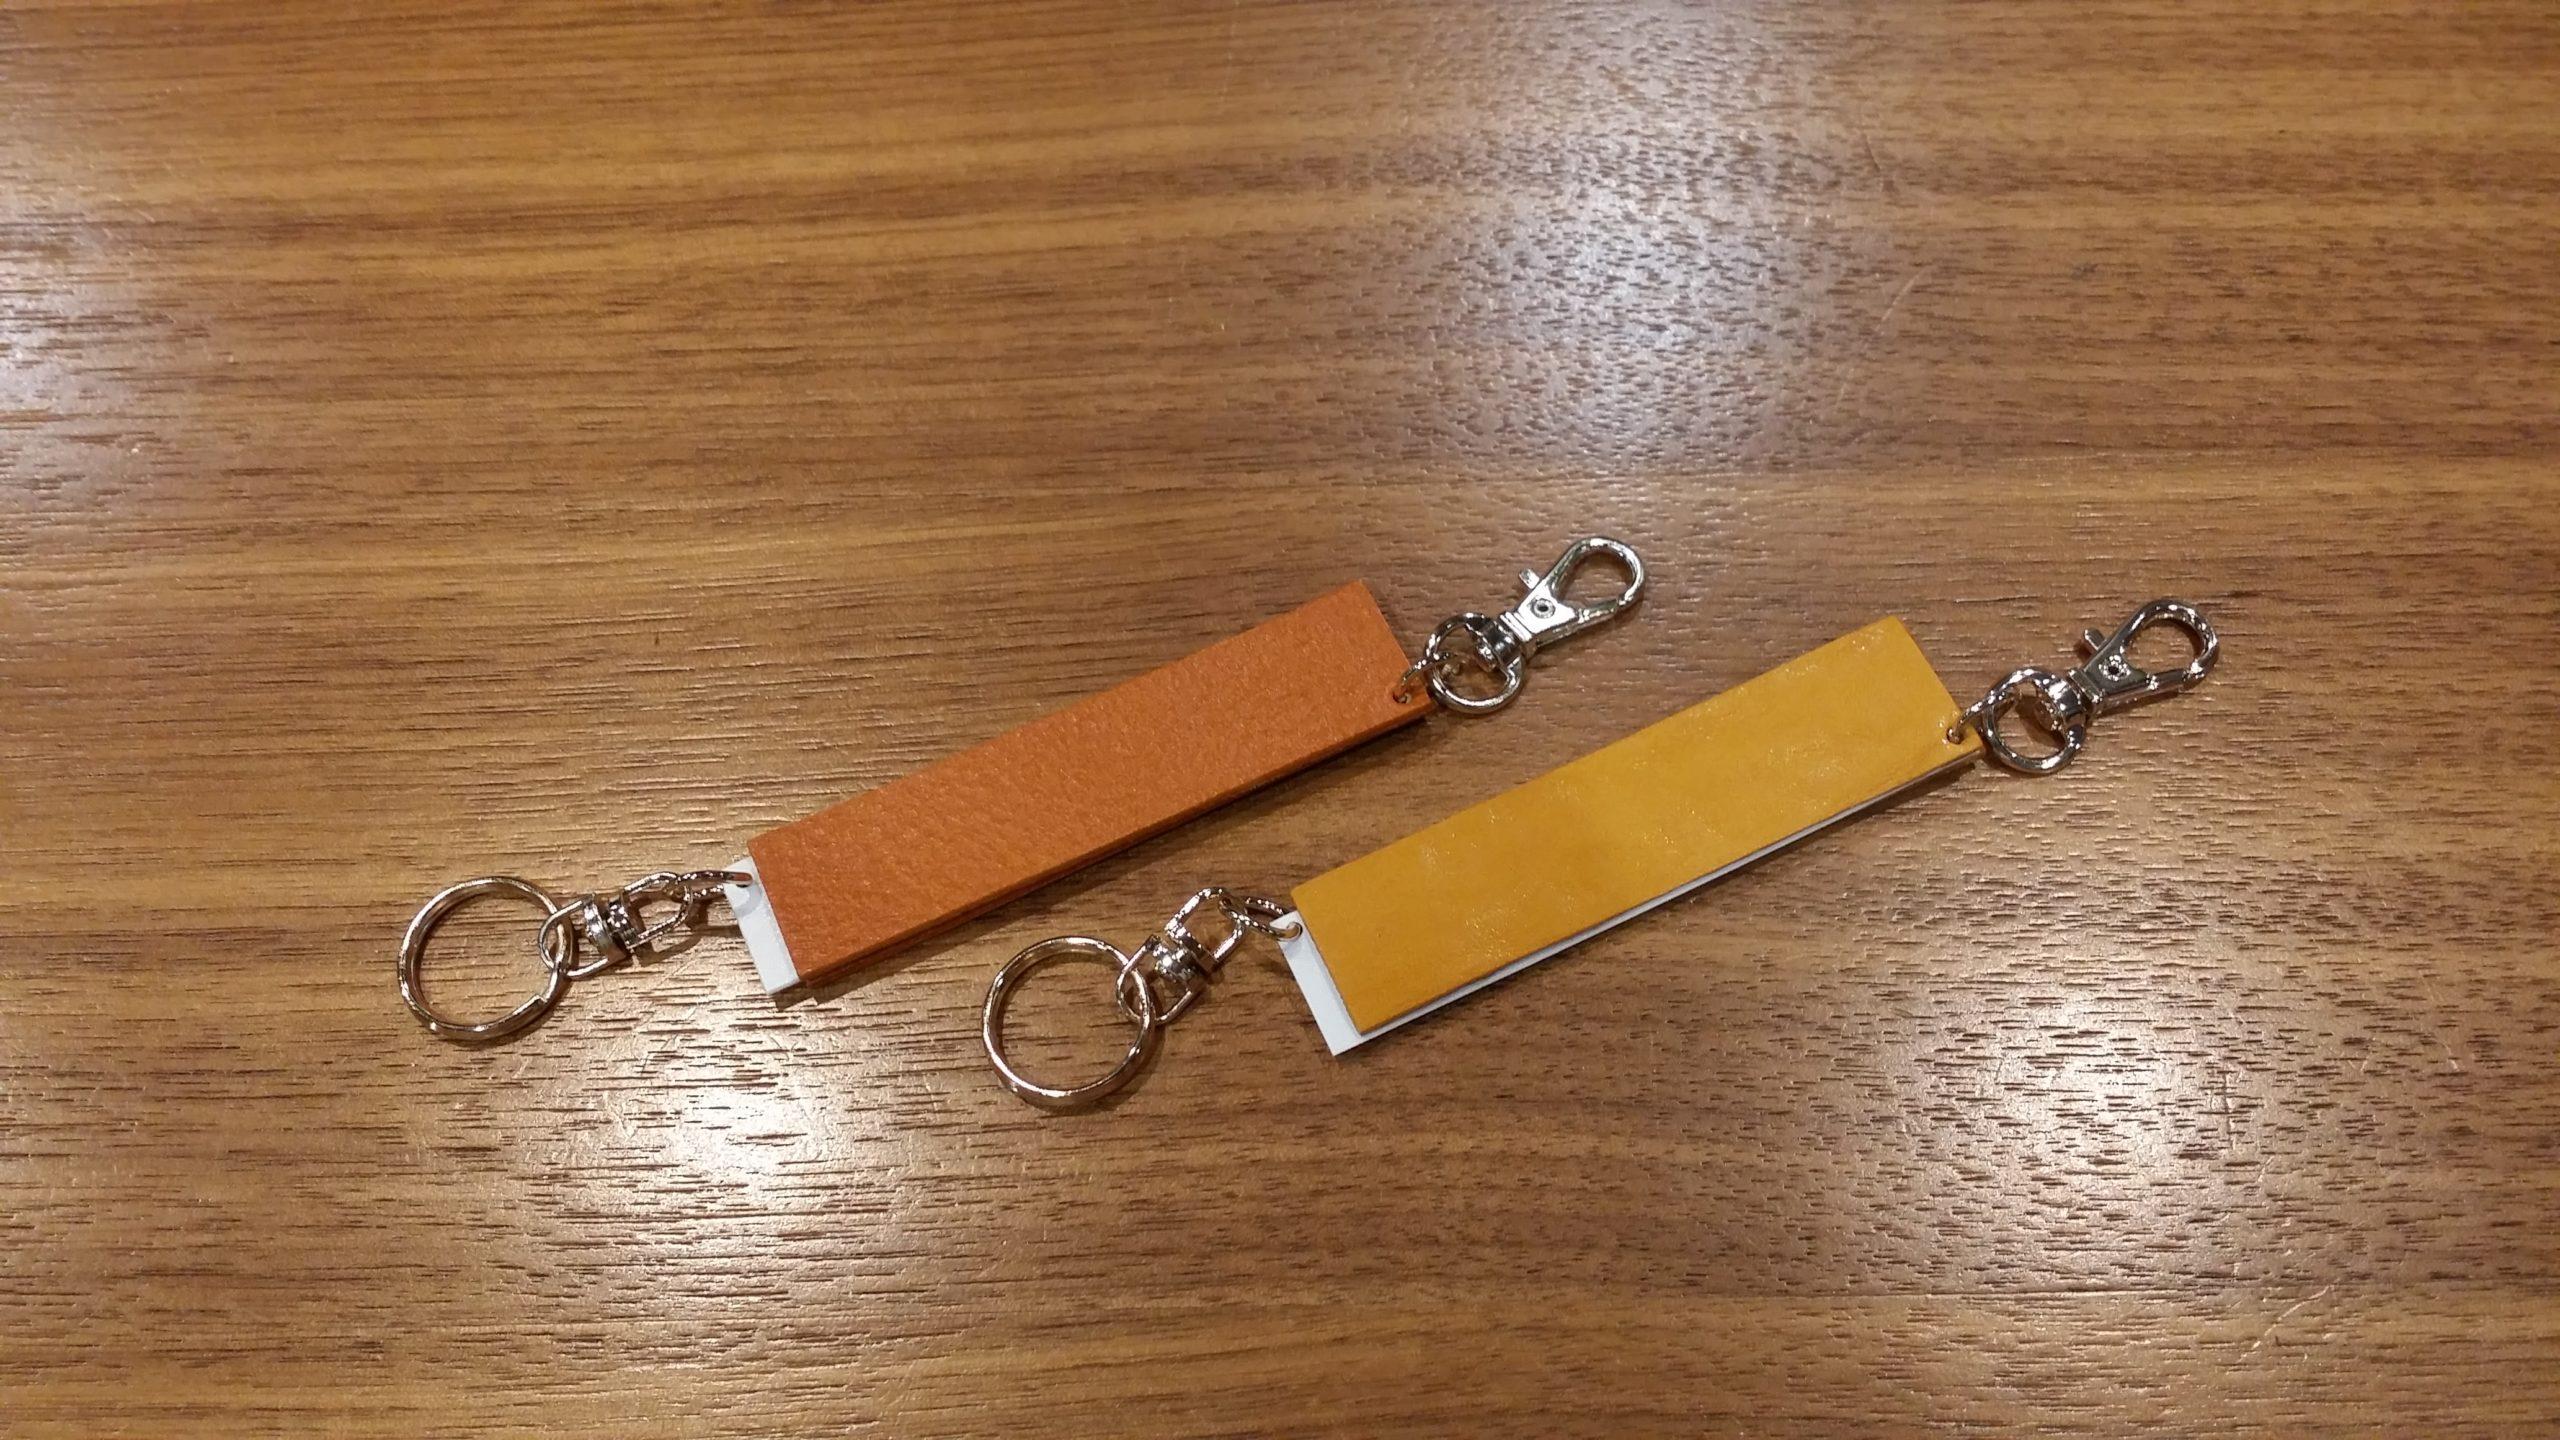 オレンジと黄色のジョイントキャップホルダーをオーダーメイド